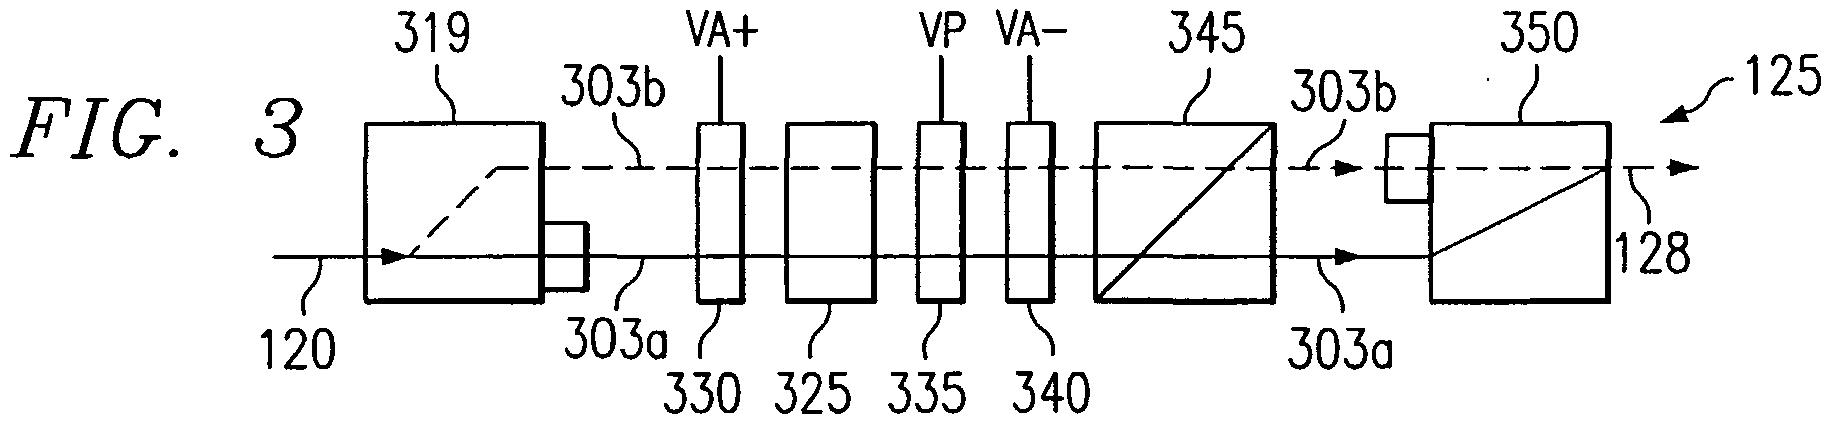 Figure imgf000084_0003